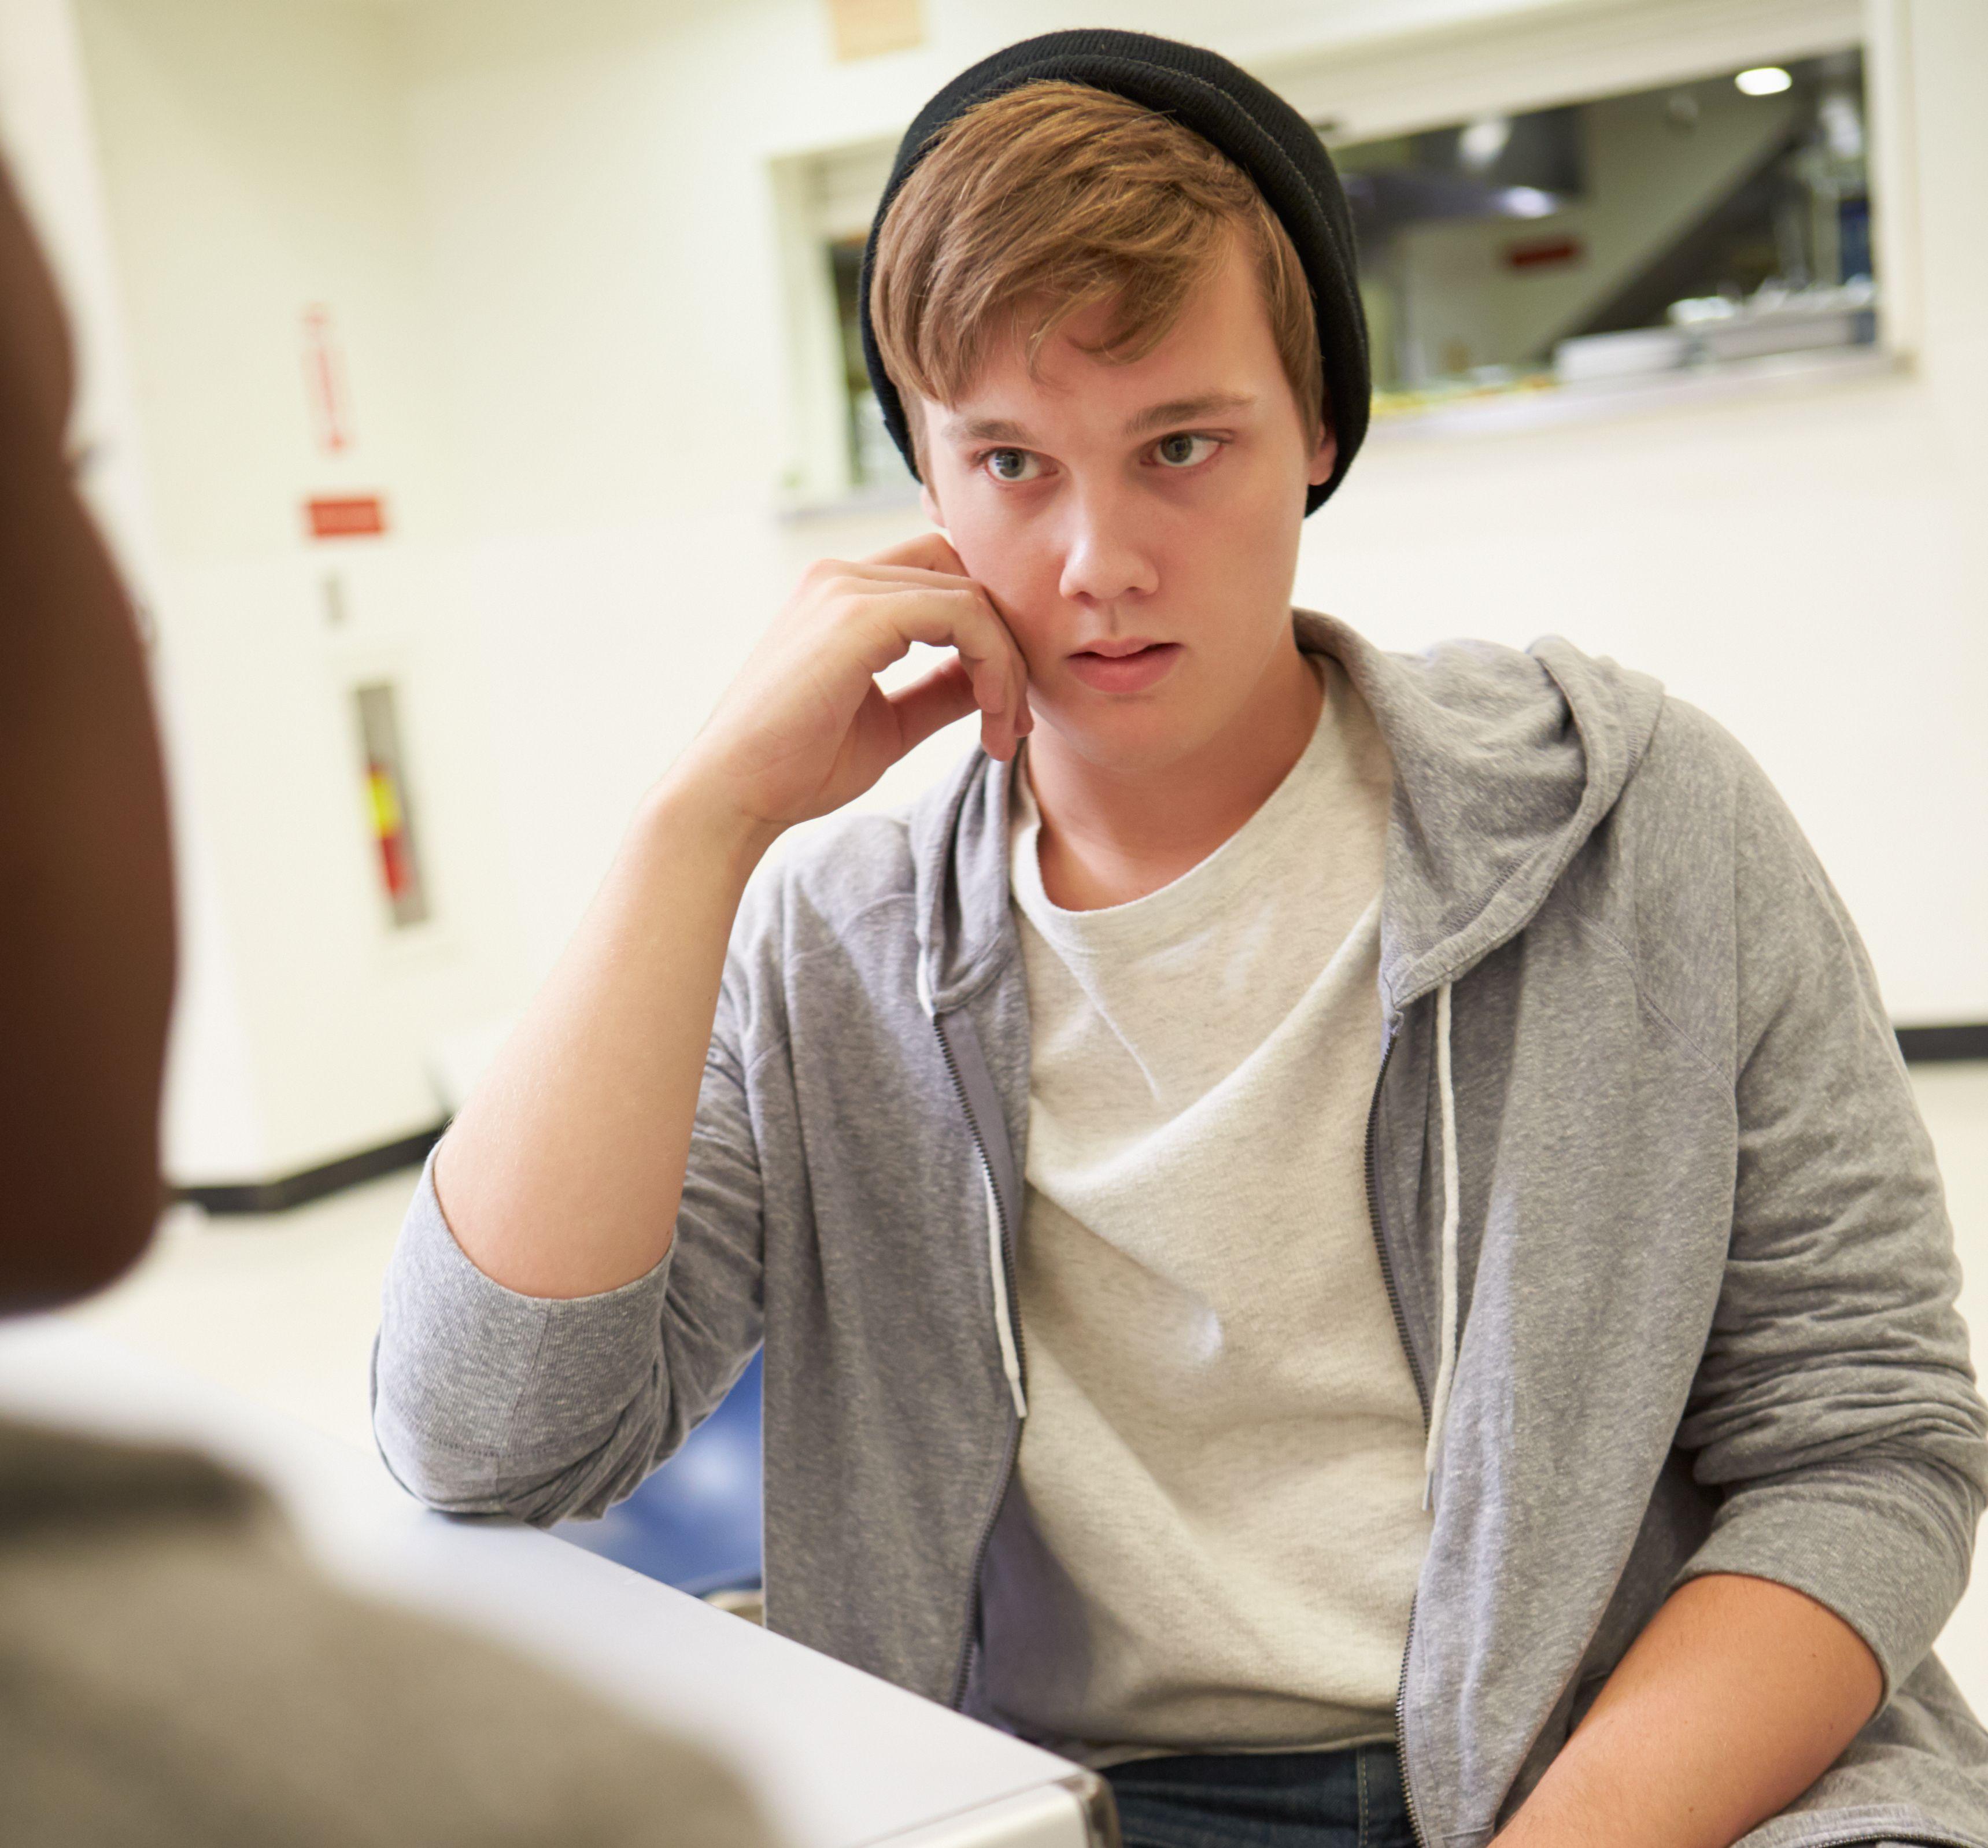 Gutt som snakker med en person på en helsestasjon.